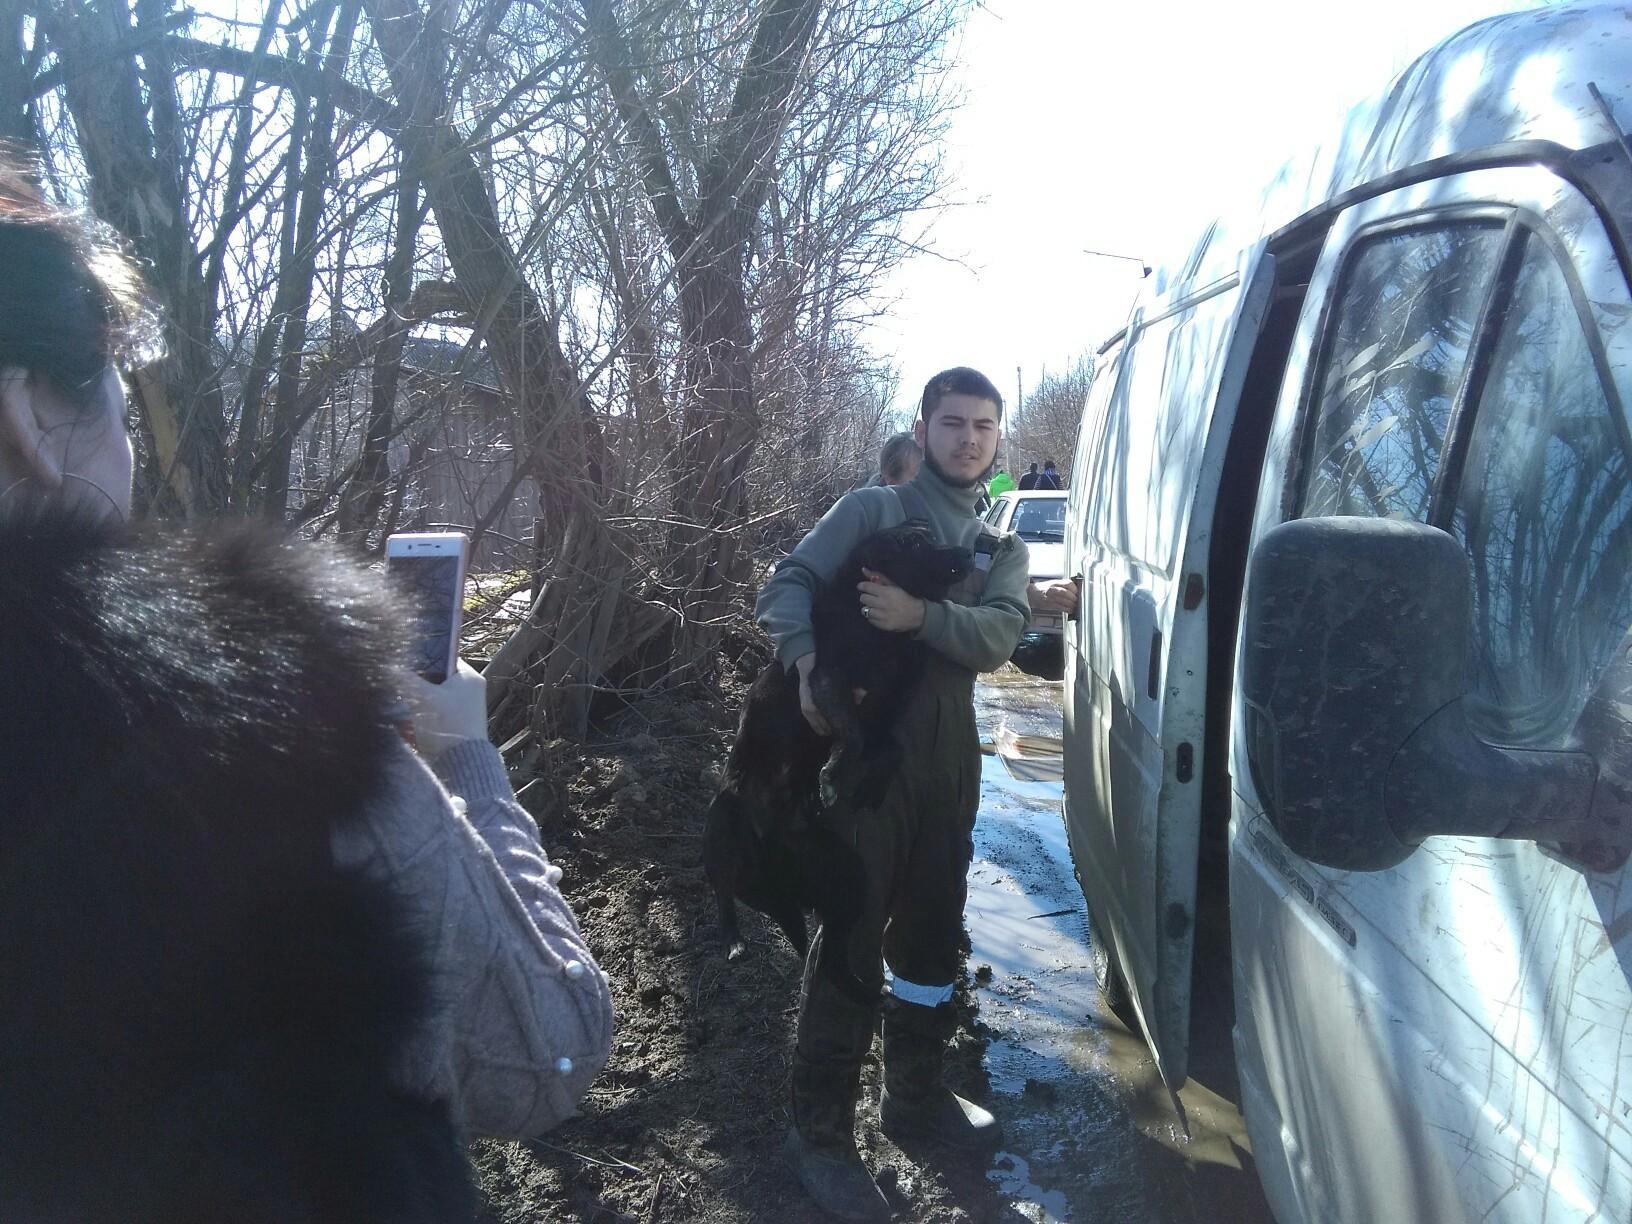 Администрация Кимр заключила контракт на отлов собак со скандально известным ИП Шариповым